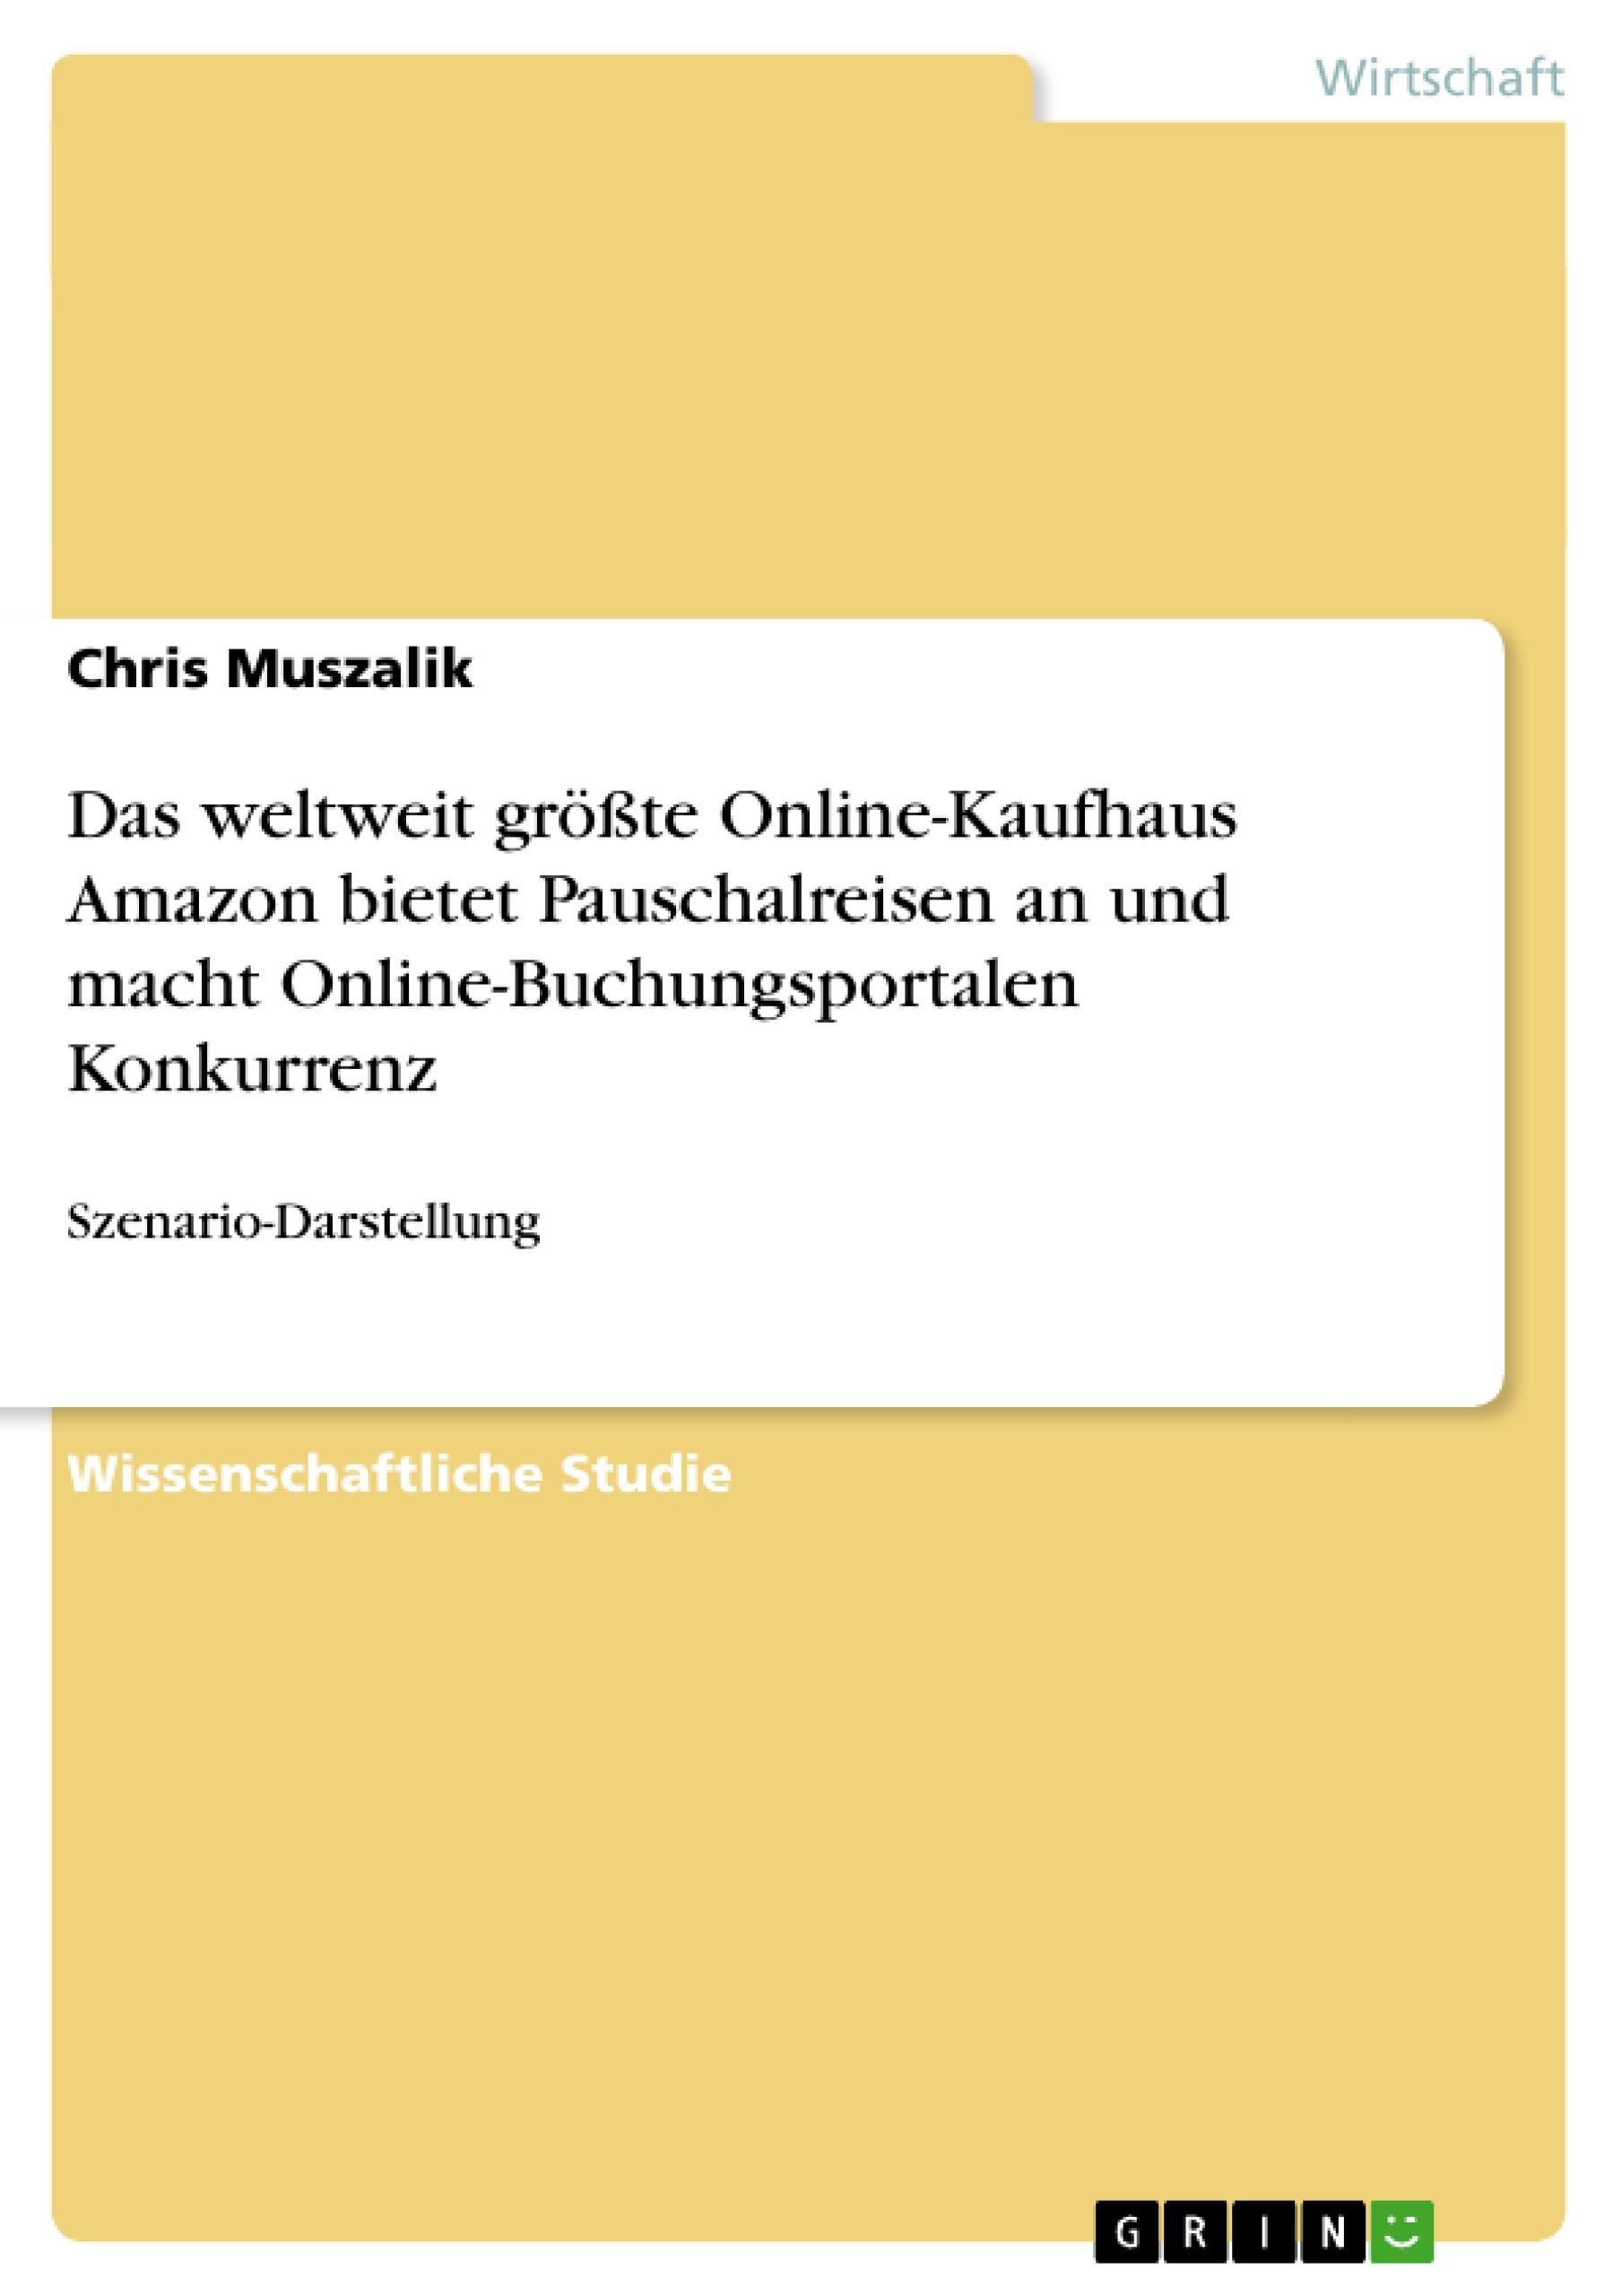 Titel: Das weltweit größte Online-Kaufhaus Amazon bietet Pauschalreisen an und macht Online-Buchungsportalen Konkurrenz